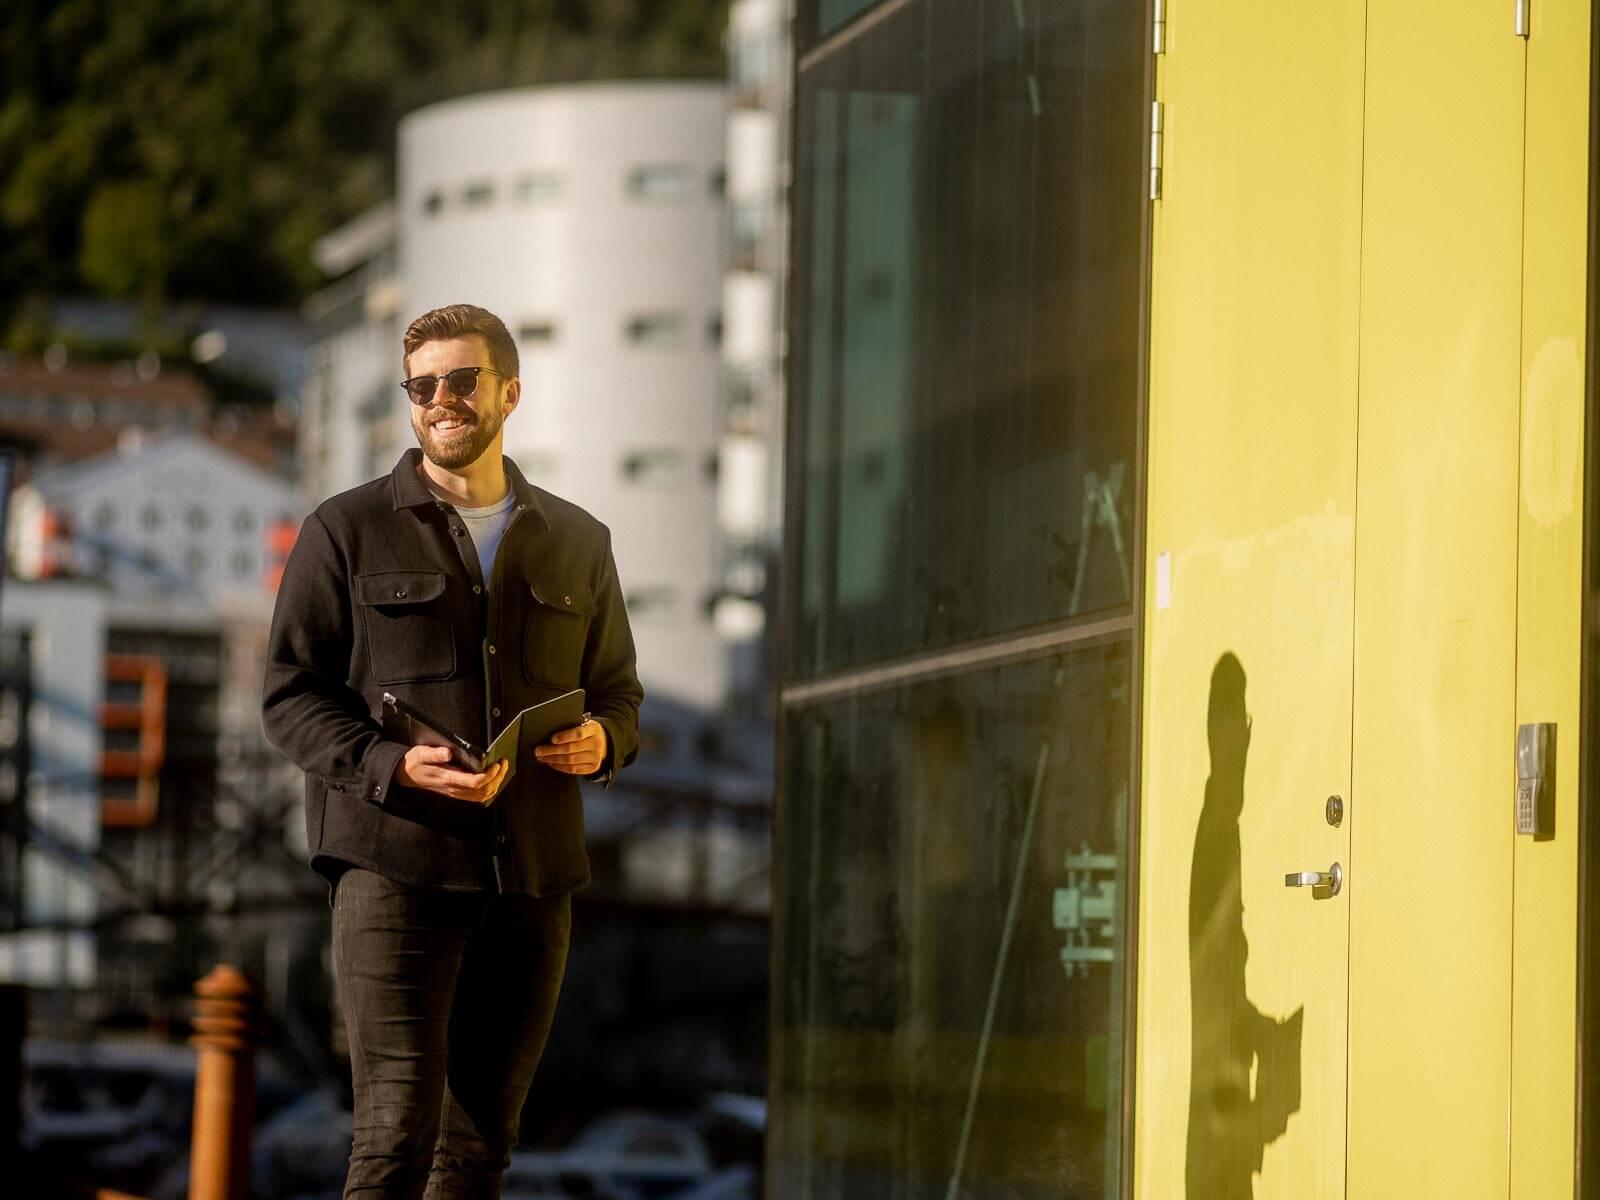 Mann står utendørs i solen med ipad i hånden